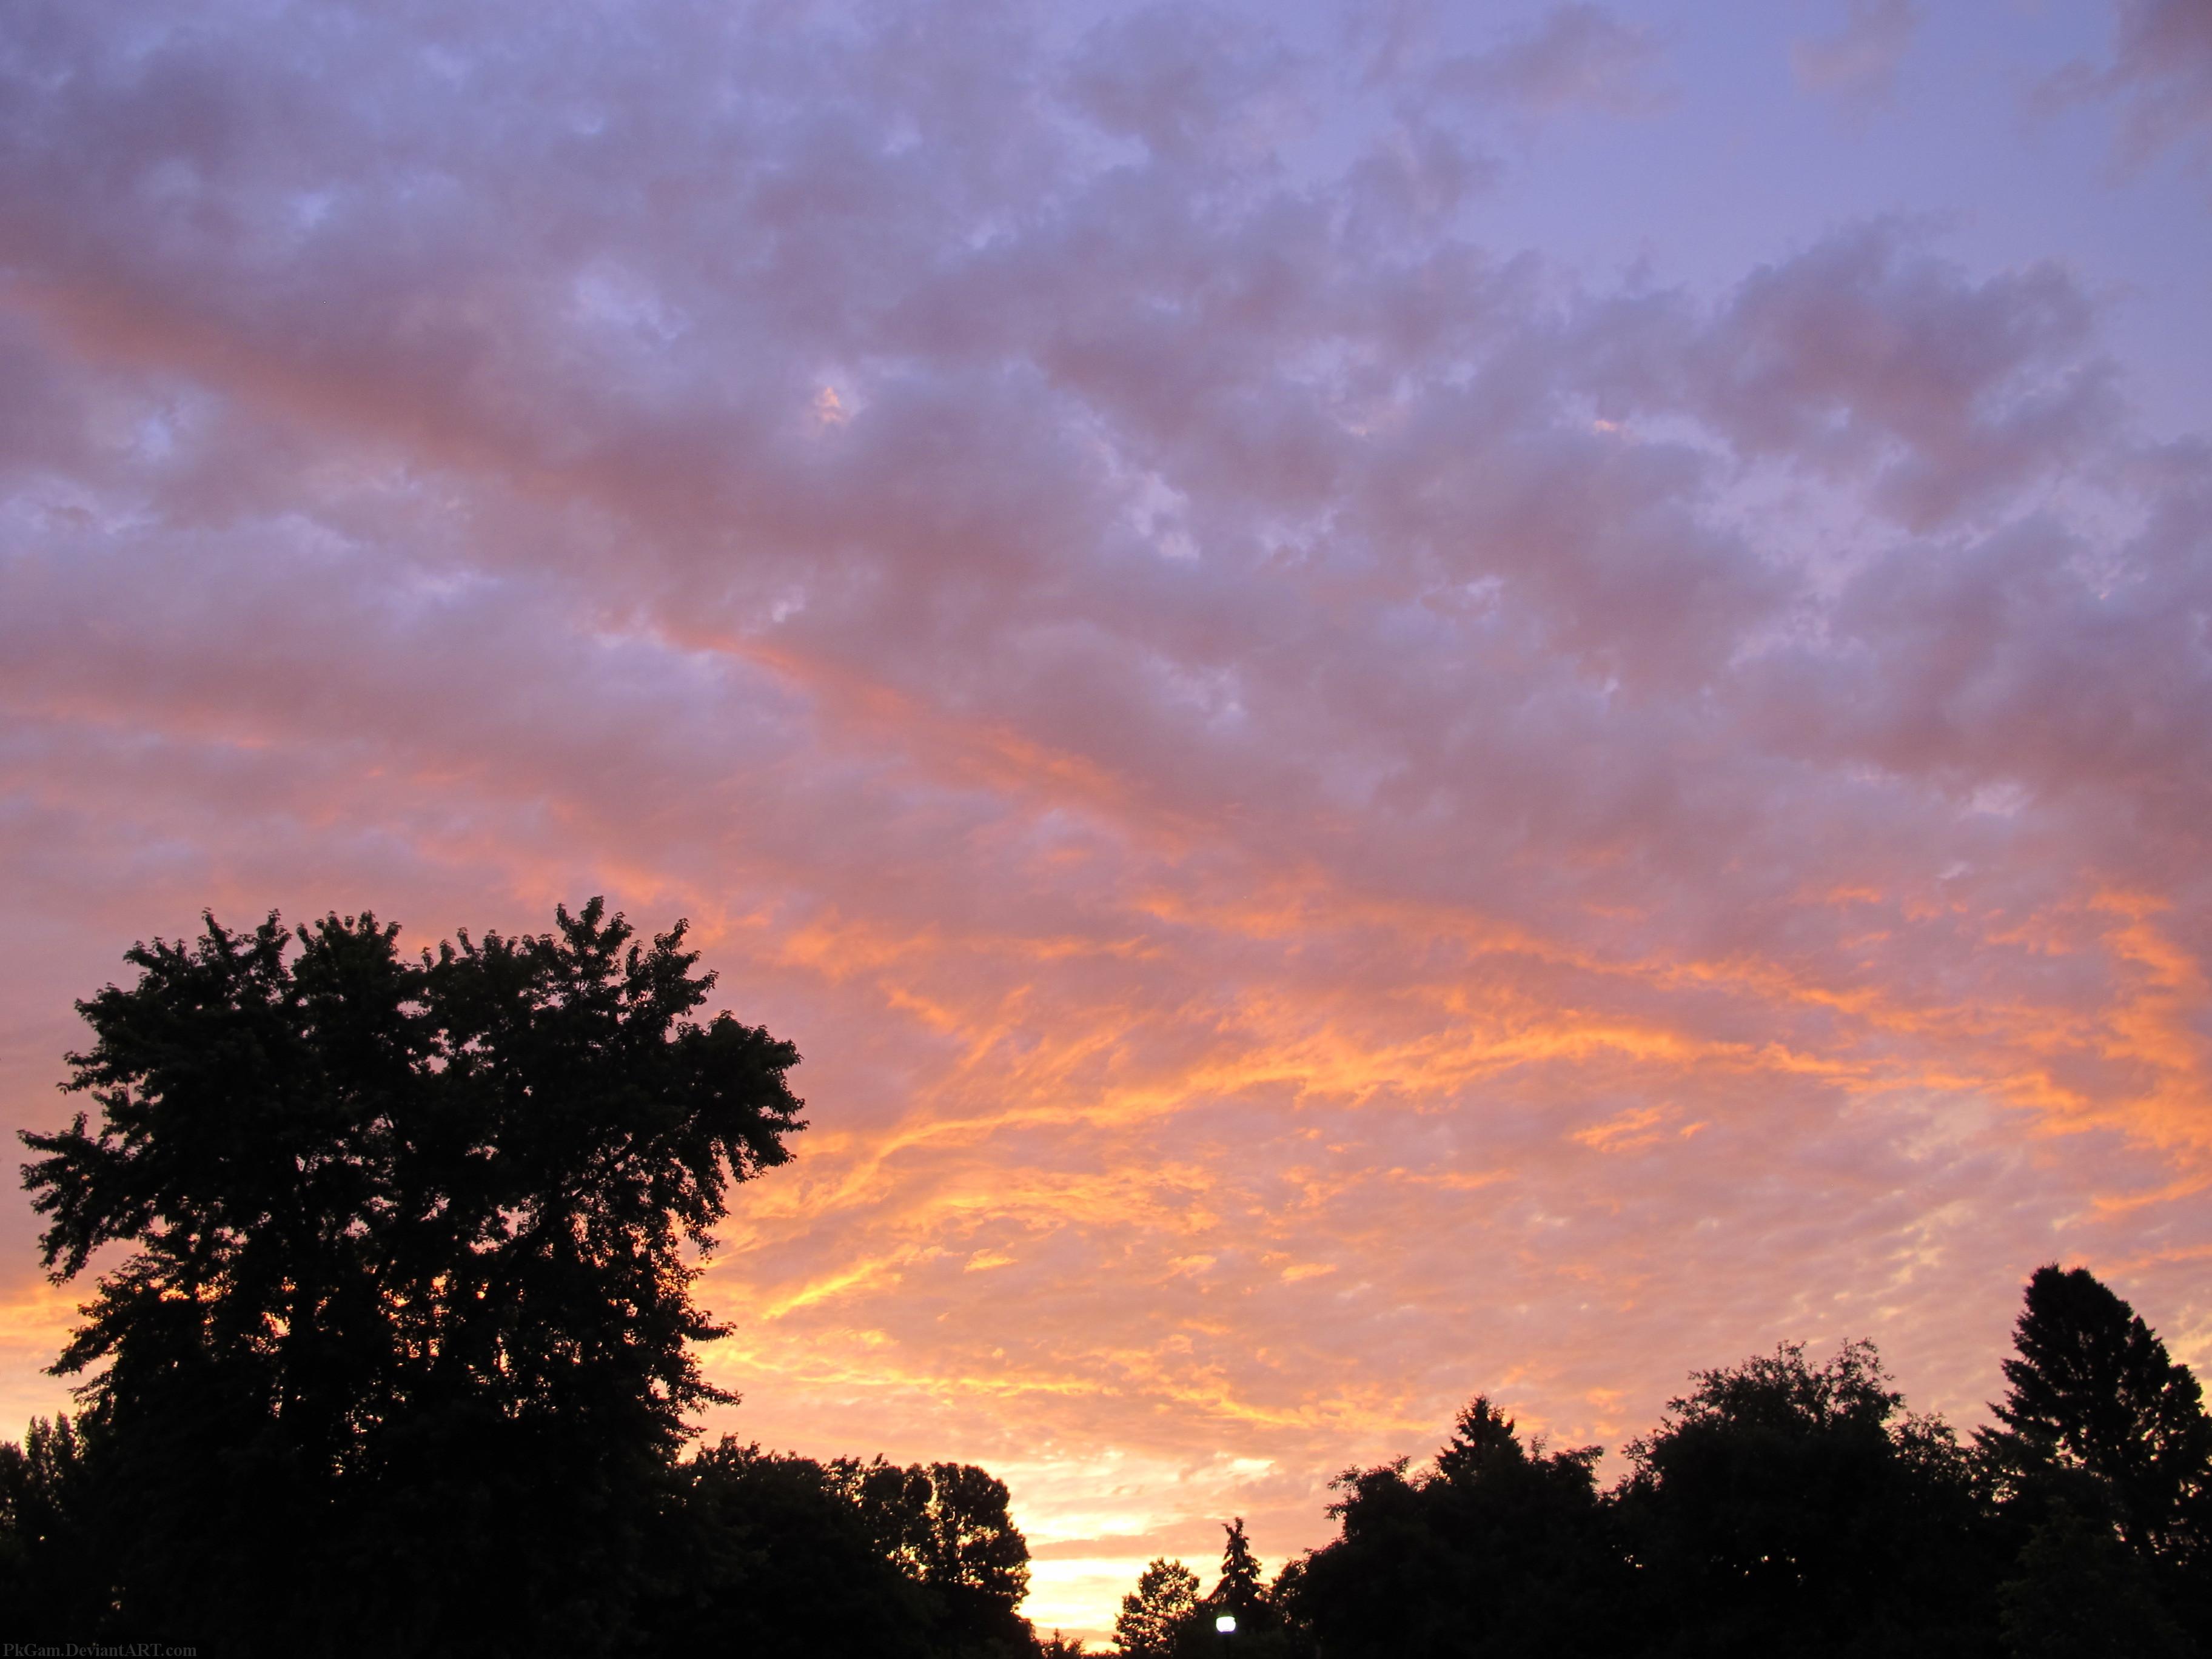 Dreamy Sky by PkGam